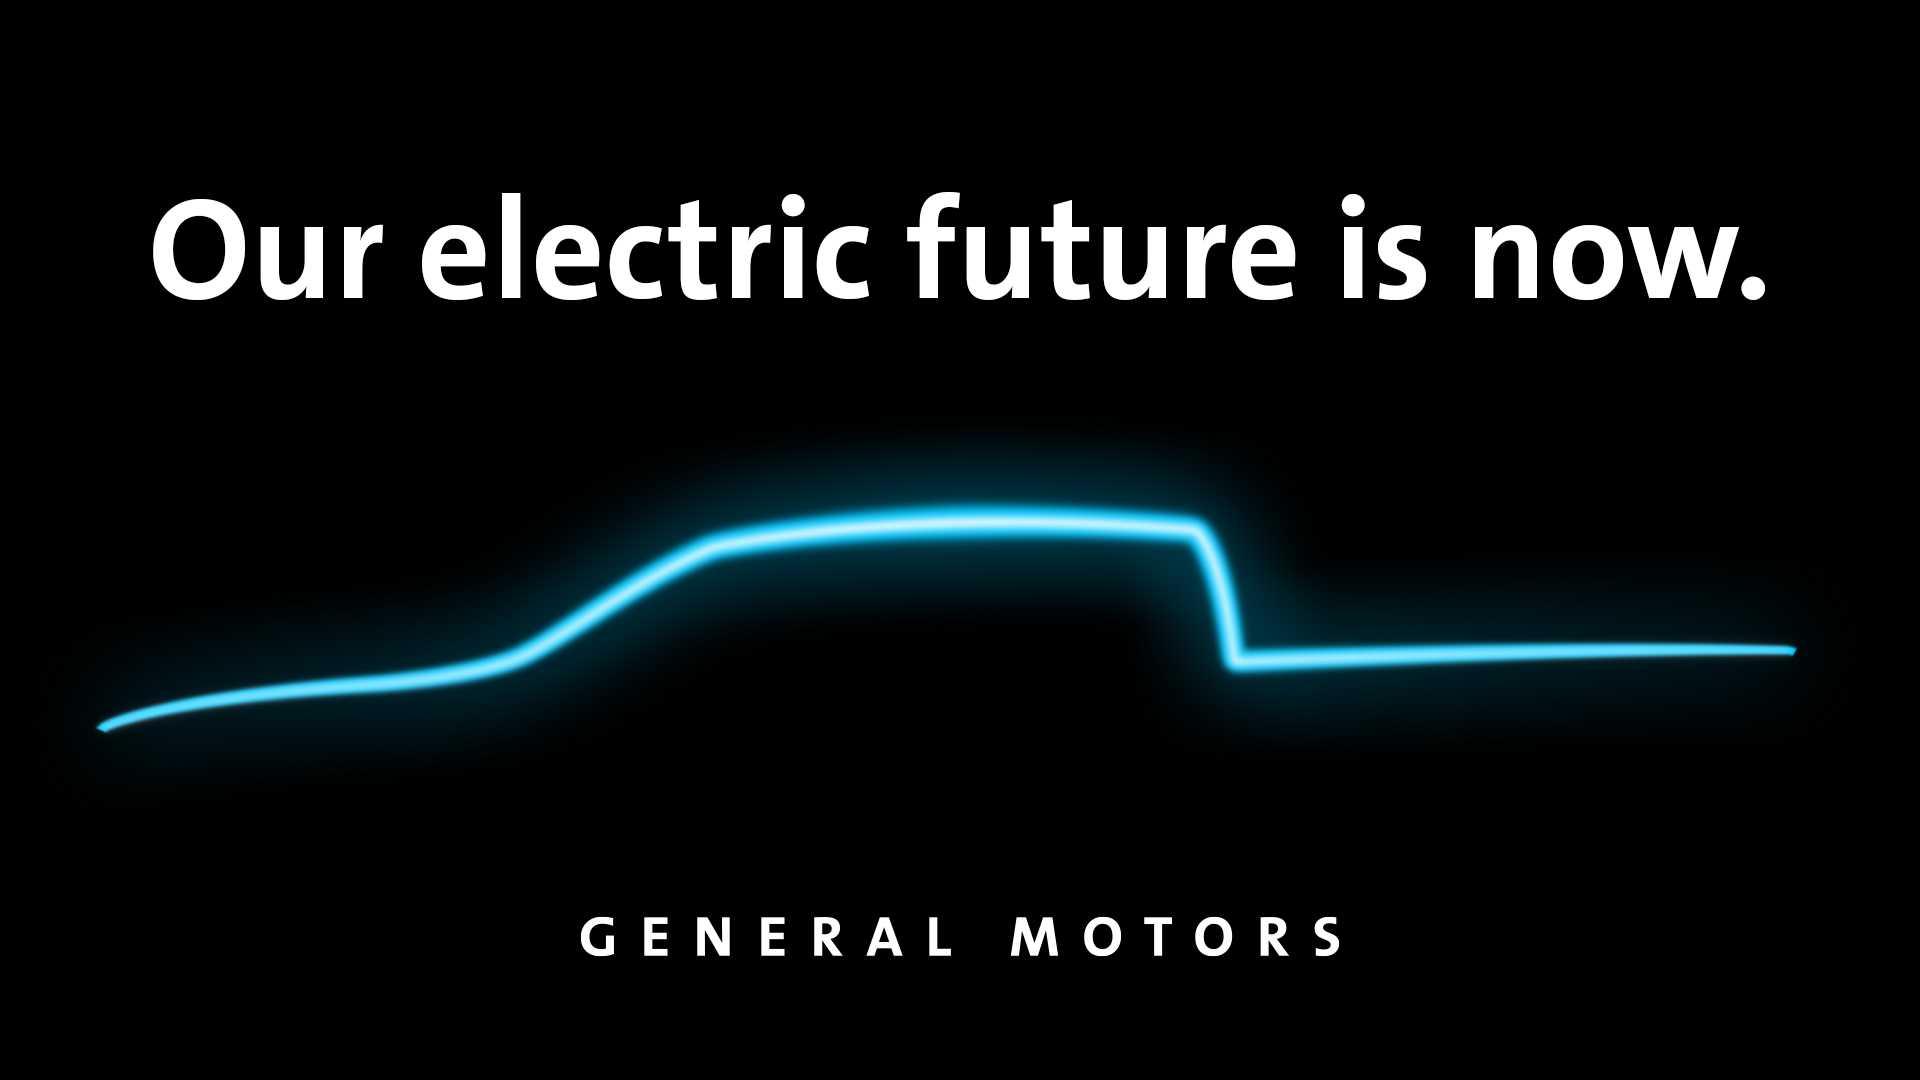 通用汽车投资22亿美元在底特律制造电动皮卡和SUV,竞争特斯拉